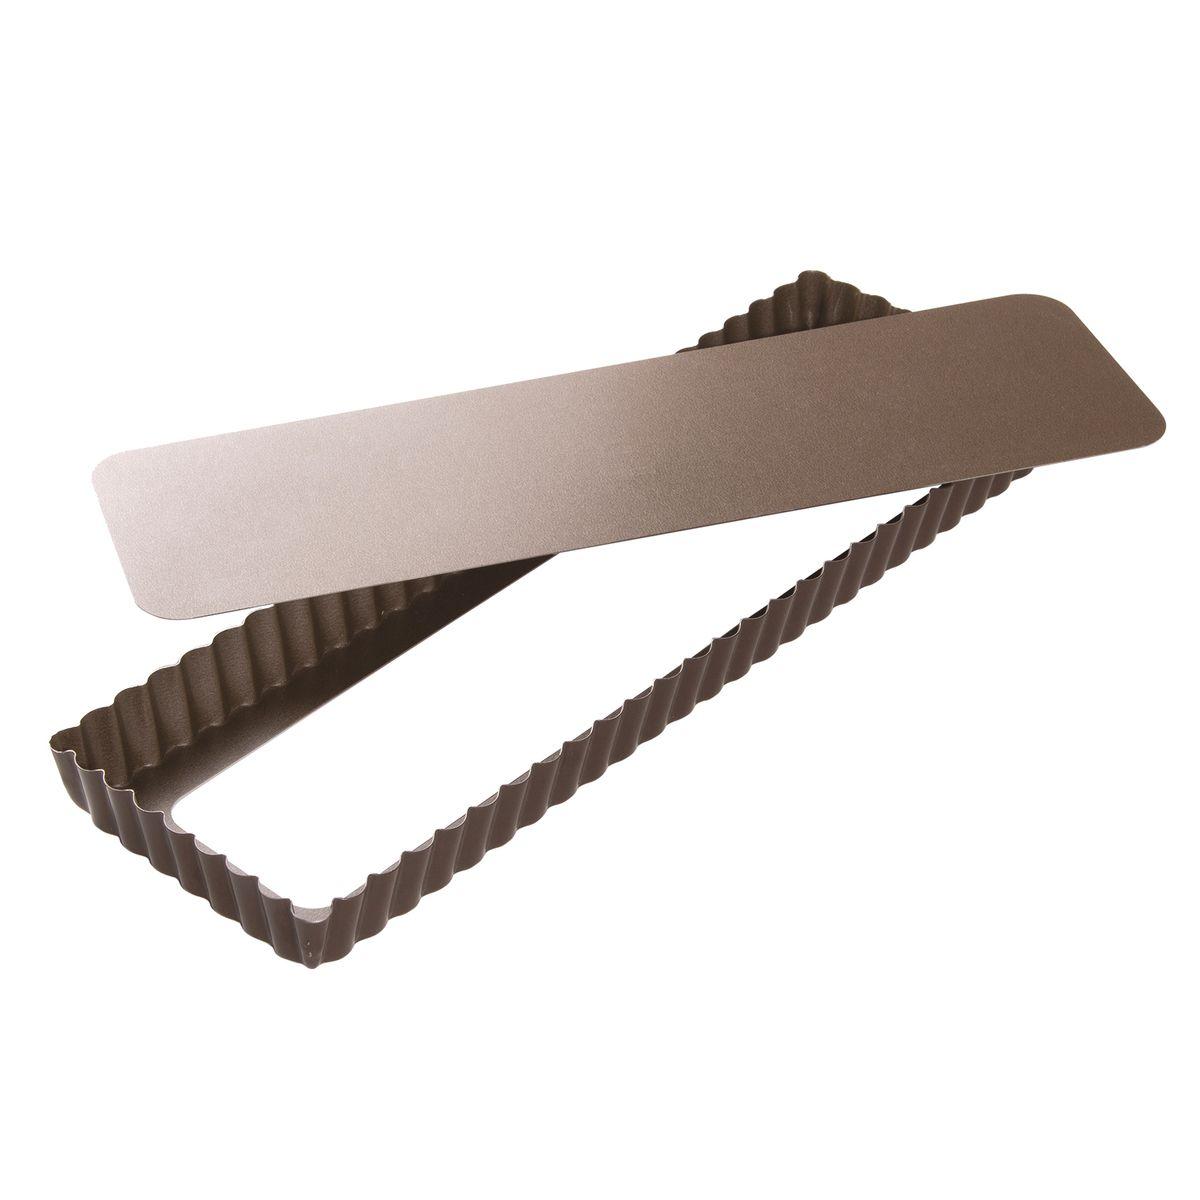 Moule à tarte rectangulaire en métal anti adhérent 5/6 parts 35 cm - Alice Délice